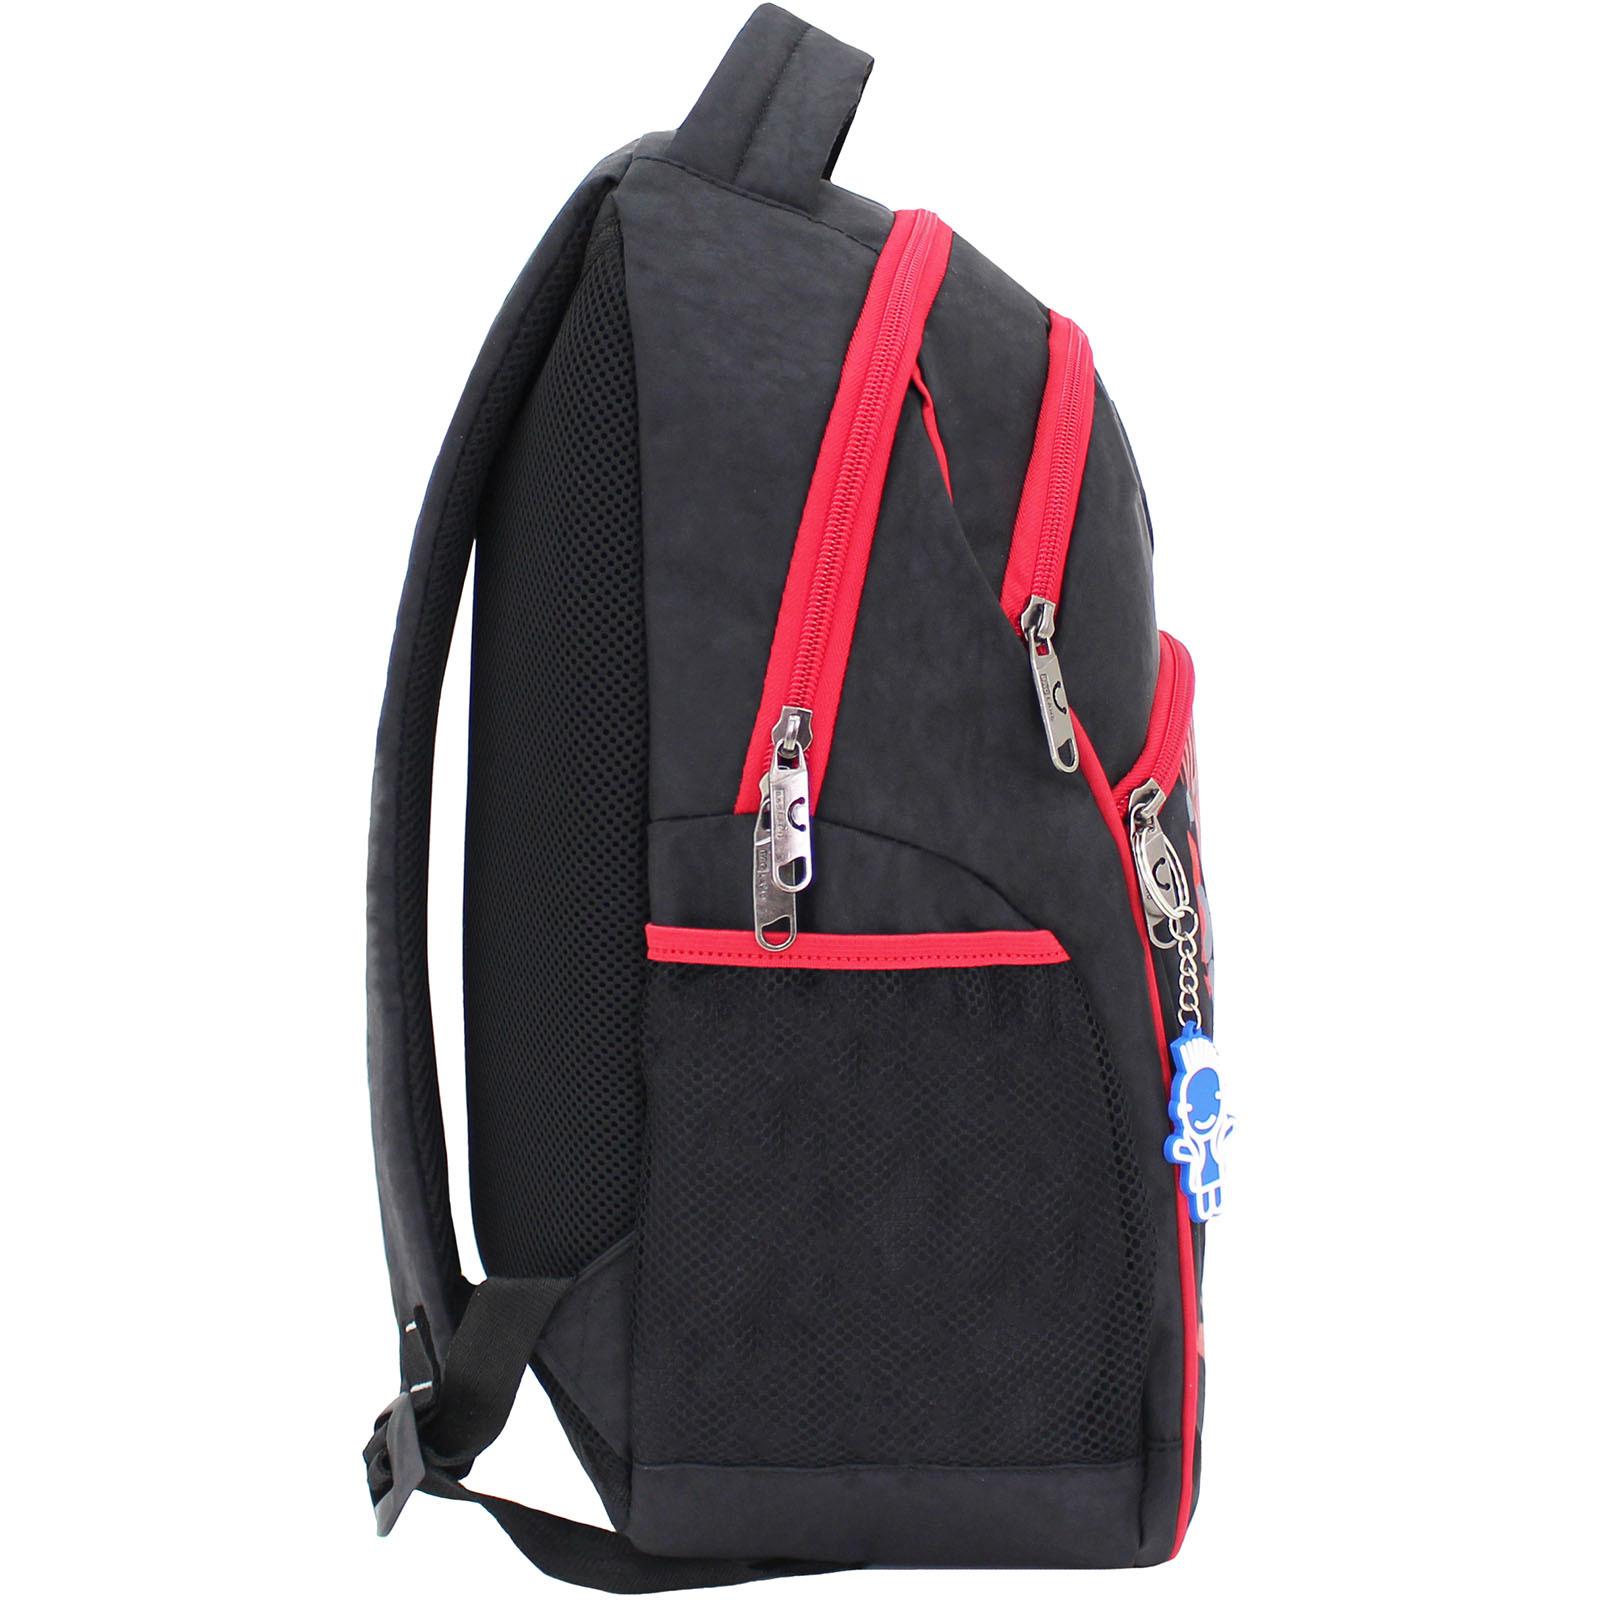 Рюкзак Bagland Лик 21 л. Чёрный/красный (0055770) фото 2